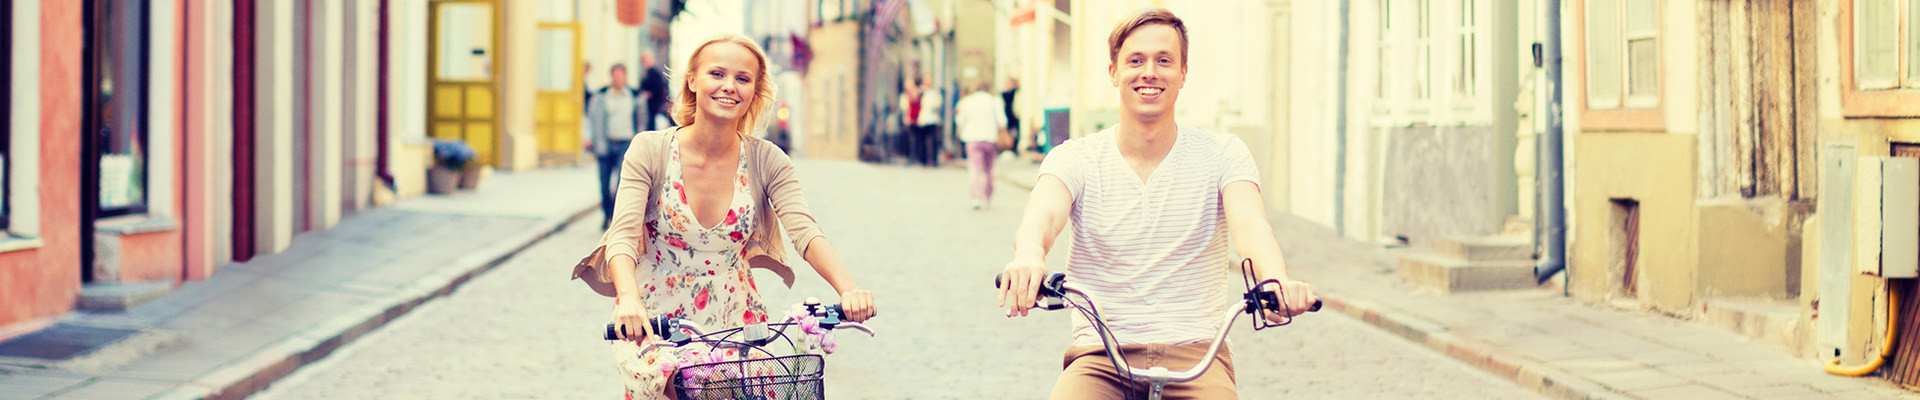 e-accu-elektrische-fiets-ebike - fietsbatterij - Eaccu.be